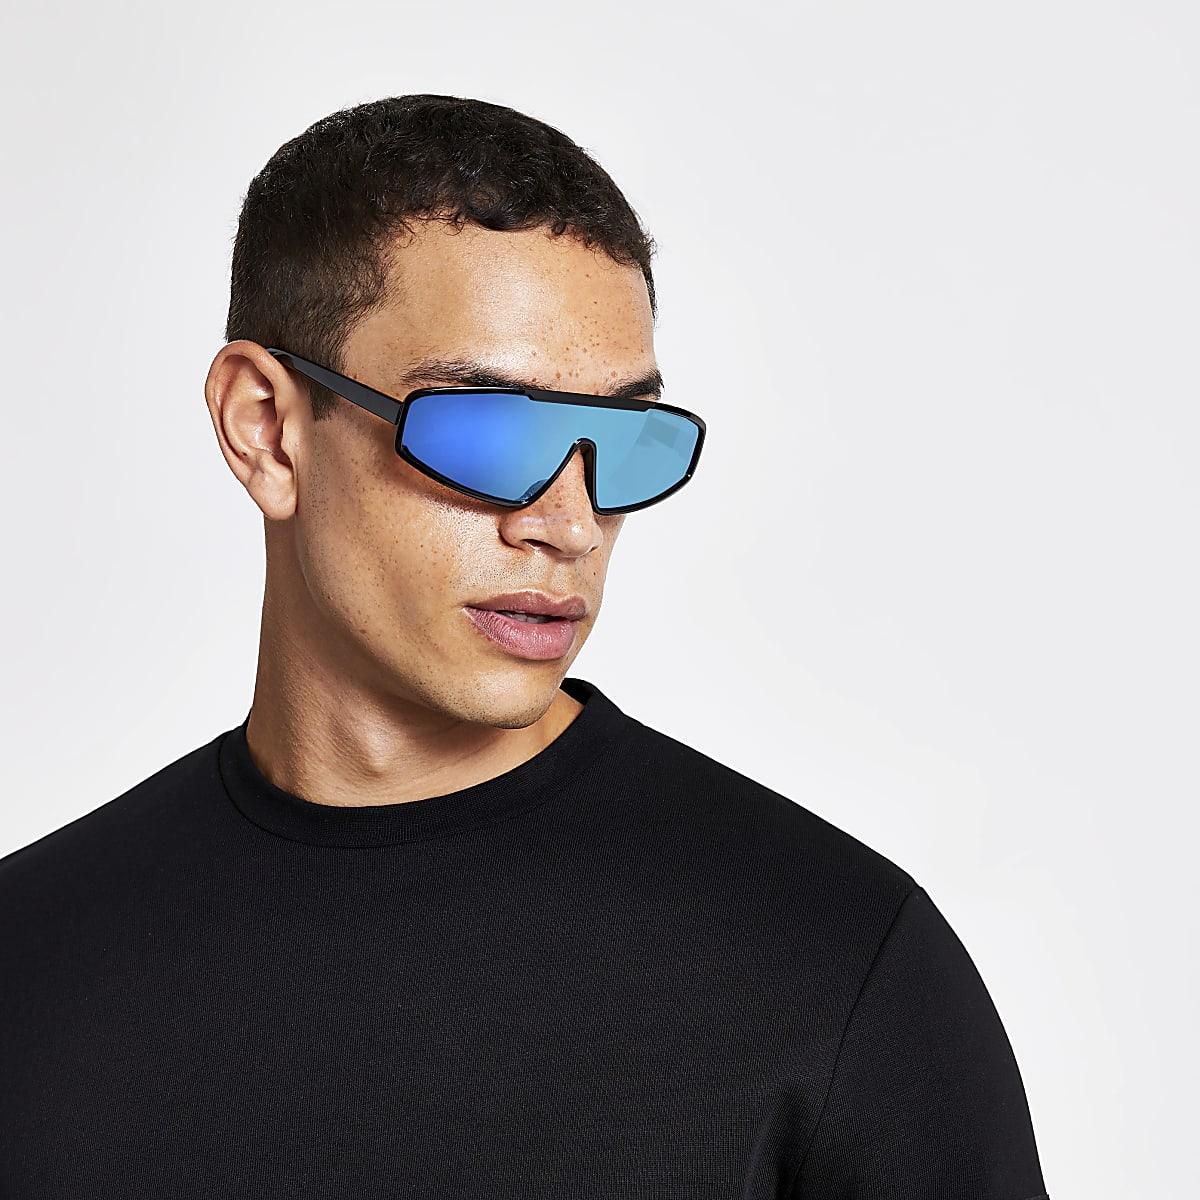 Zwarte visor zonnebril met blauwe glazen